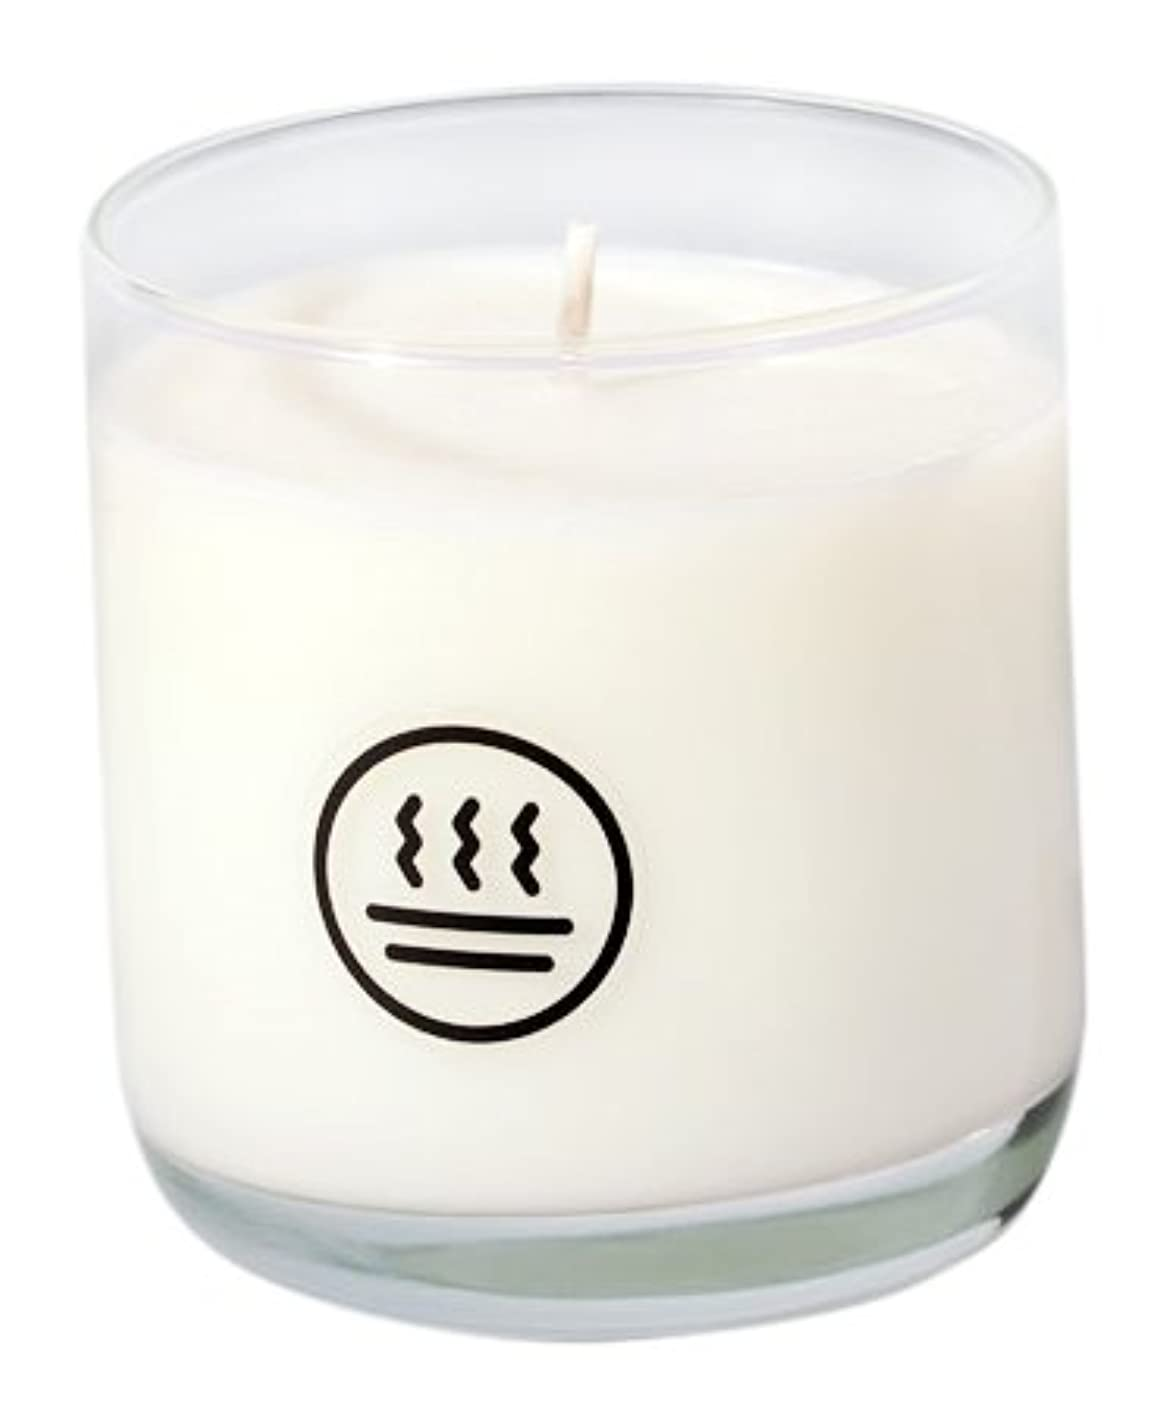 先行する北方系統的Keap Hot Springs scented candle, made with coconut wax - 7.4Oz each